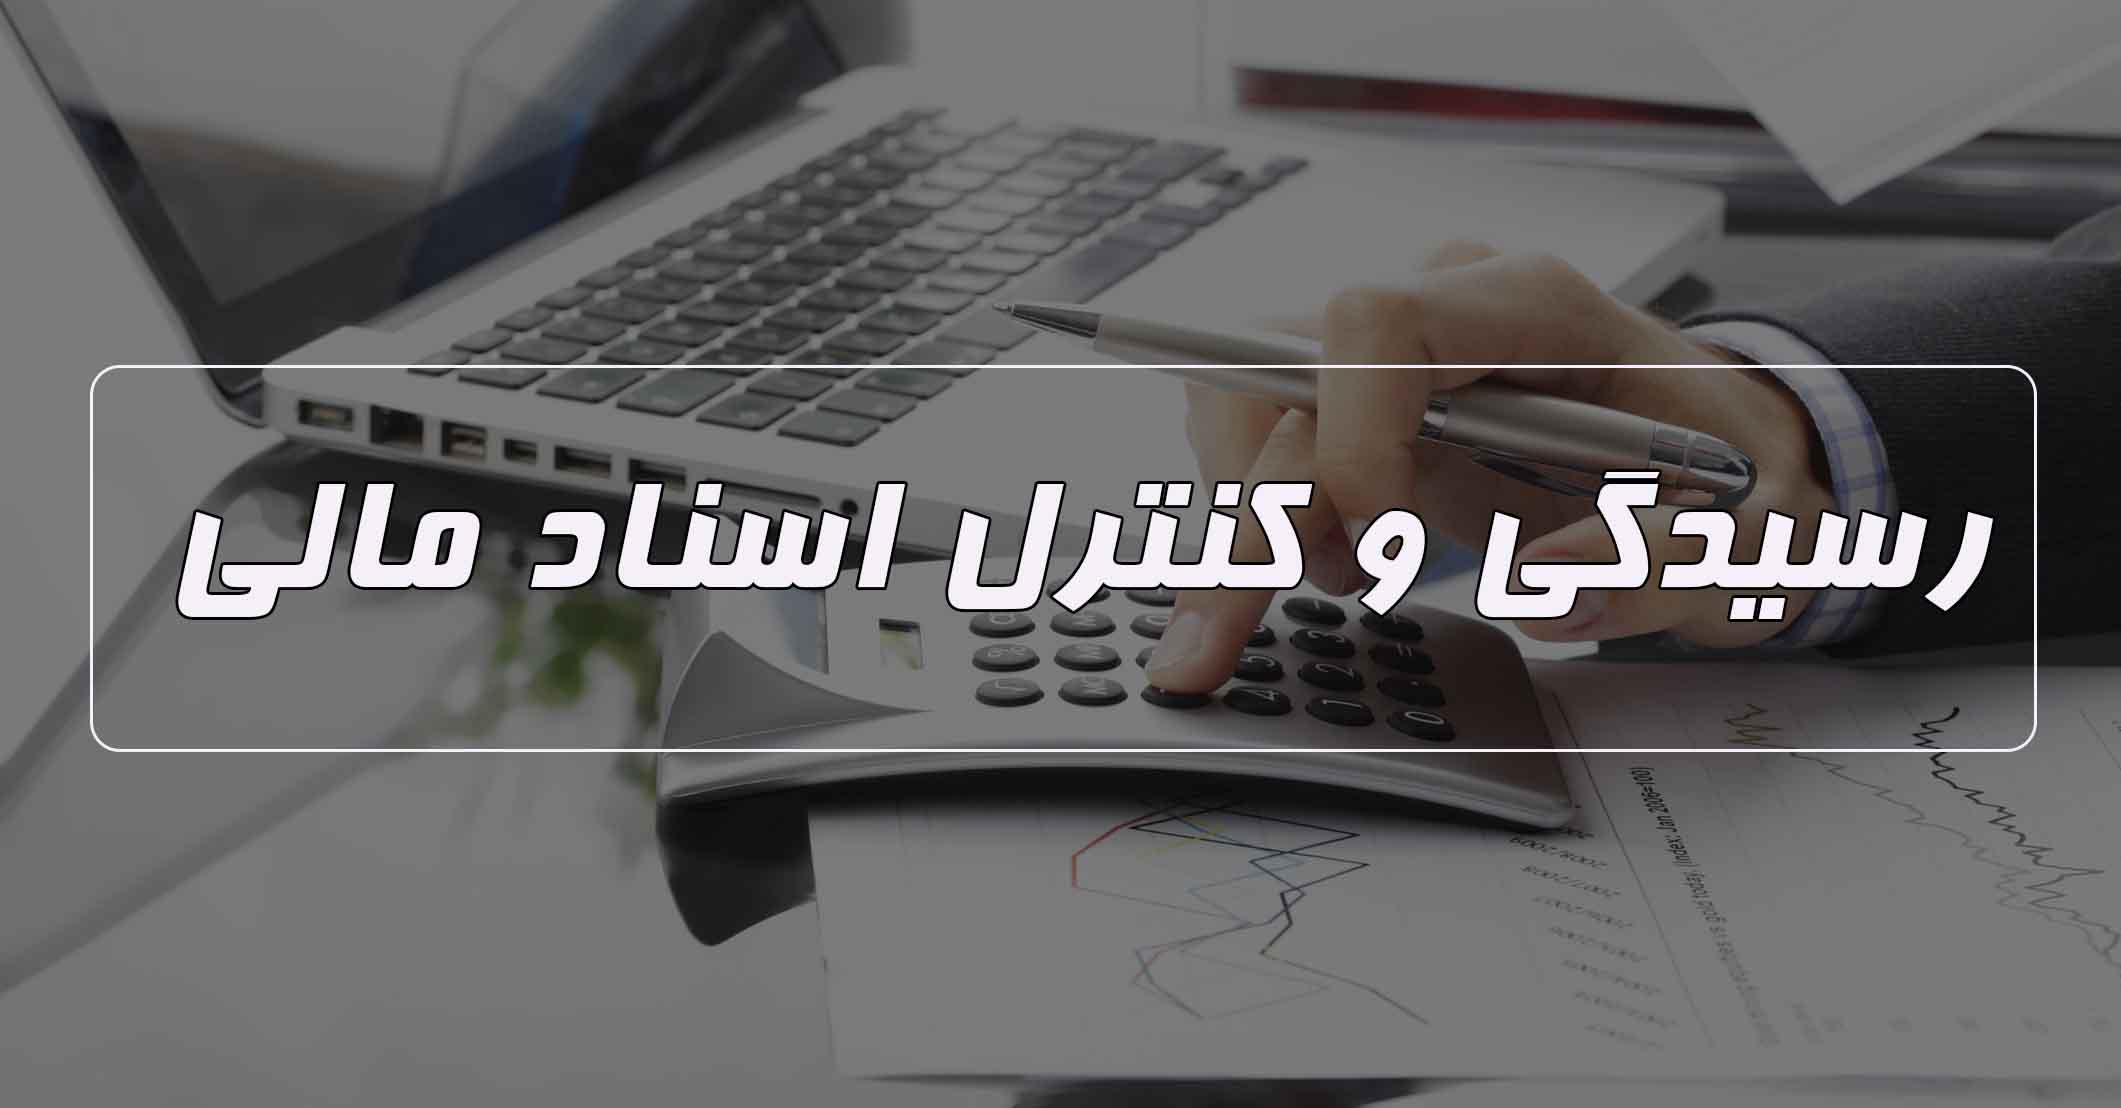 رسیدگی به سند های مالی جهت کنترل اسناد حسابداری